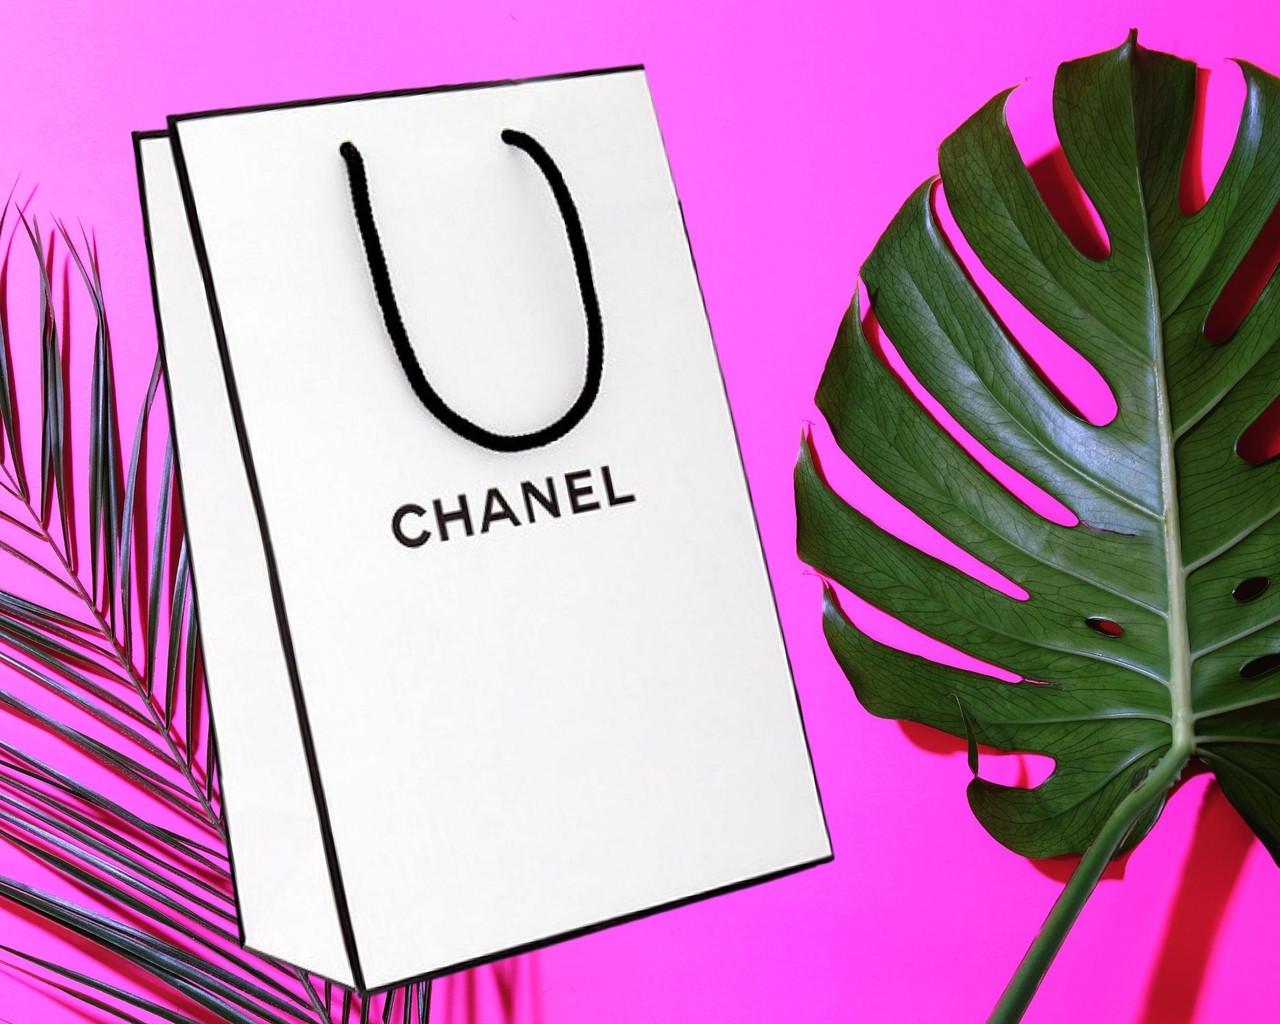 Chanel Пакет Подарочный Большой